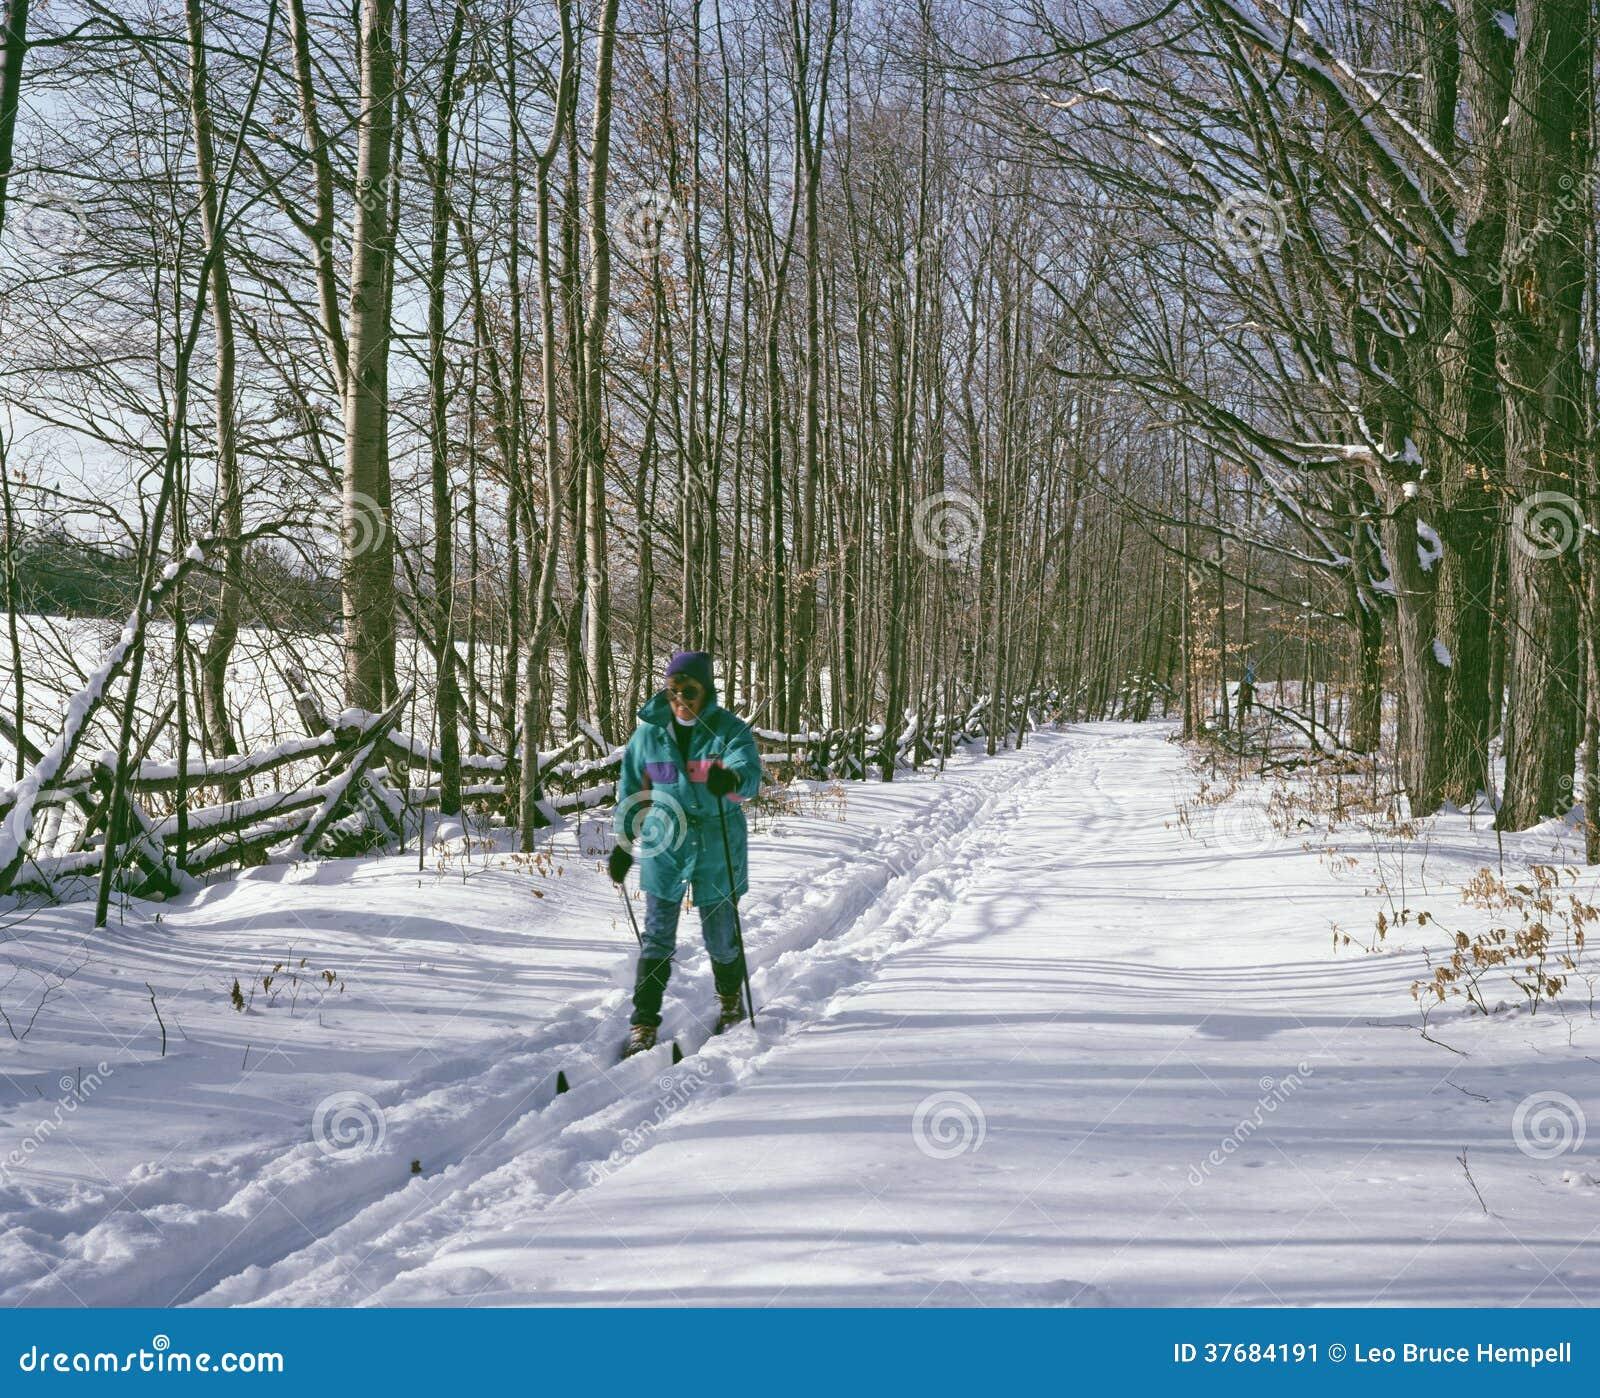 Corta-mato Ontário de esqui Canadá